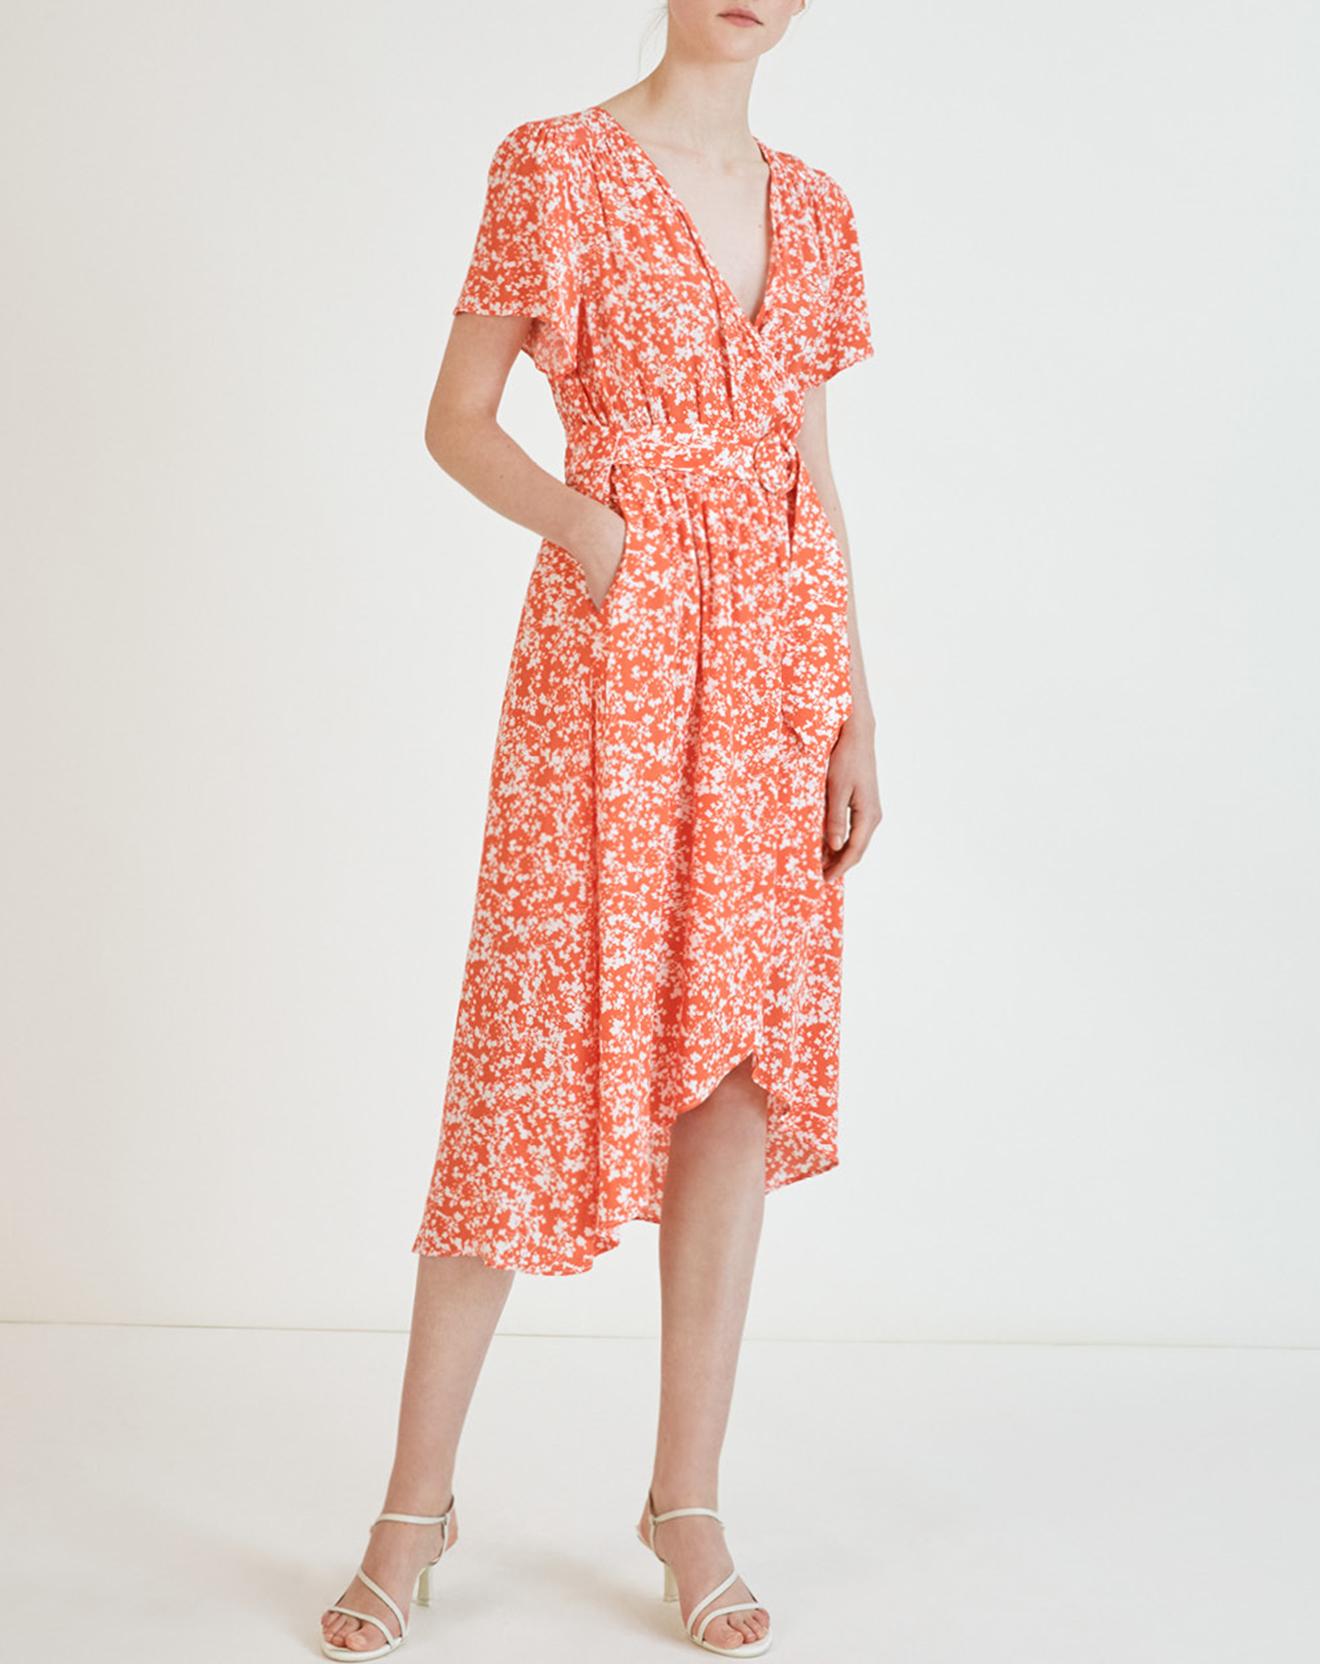 Robe Cassis imprimée geranium - Suncoo - Modalova